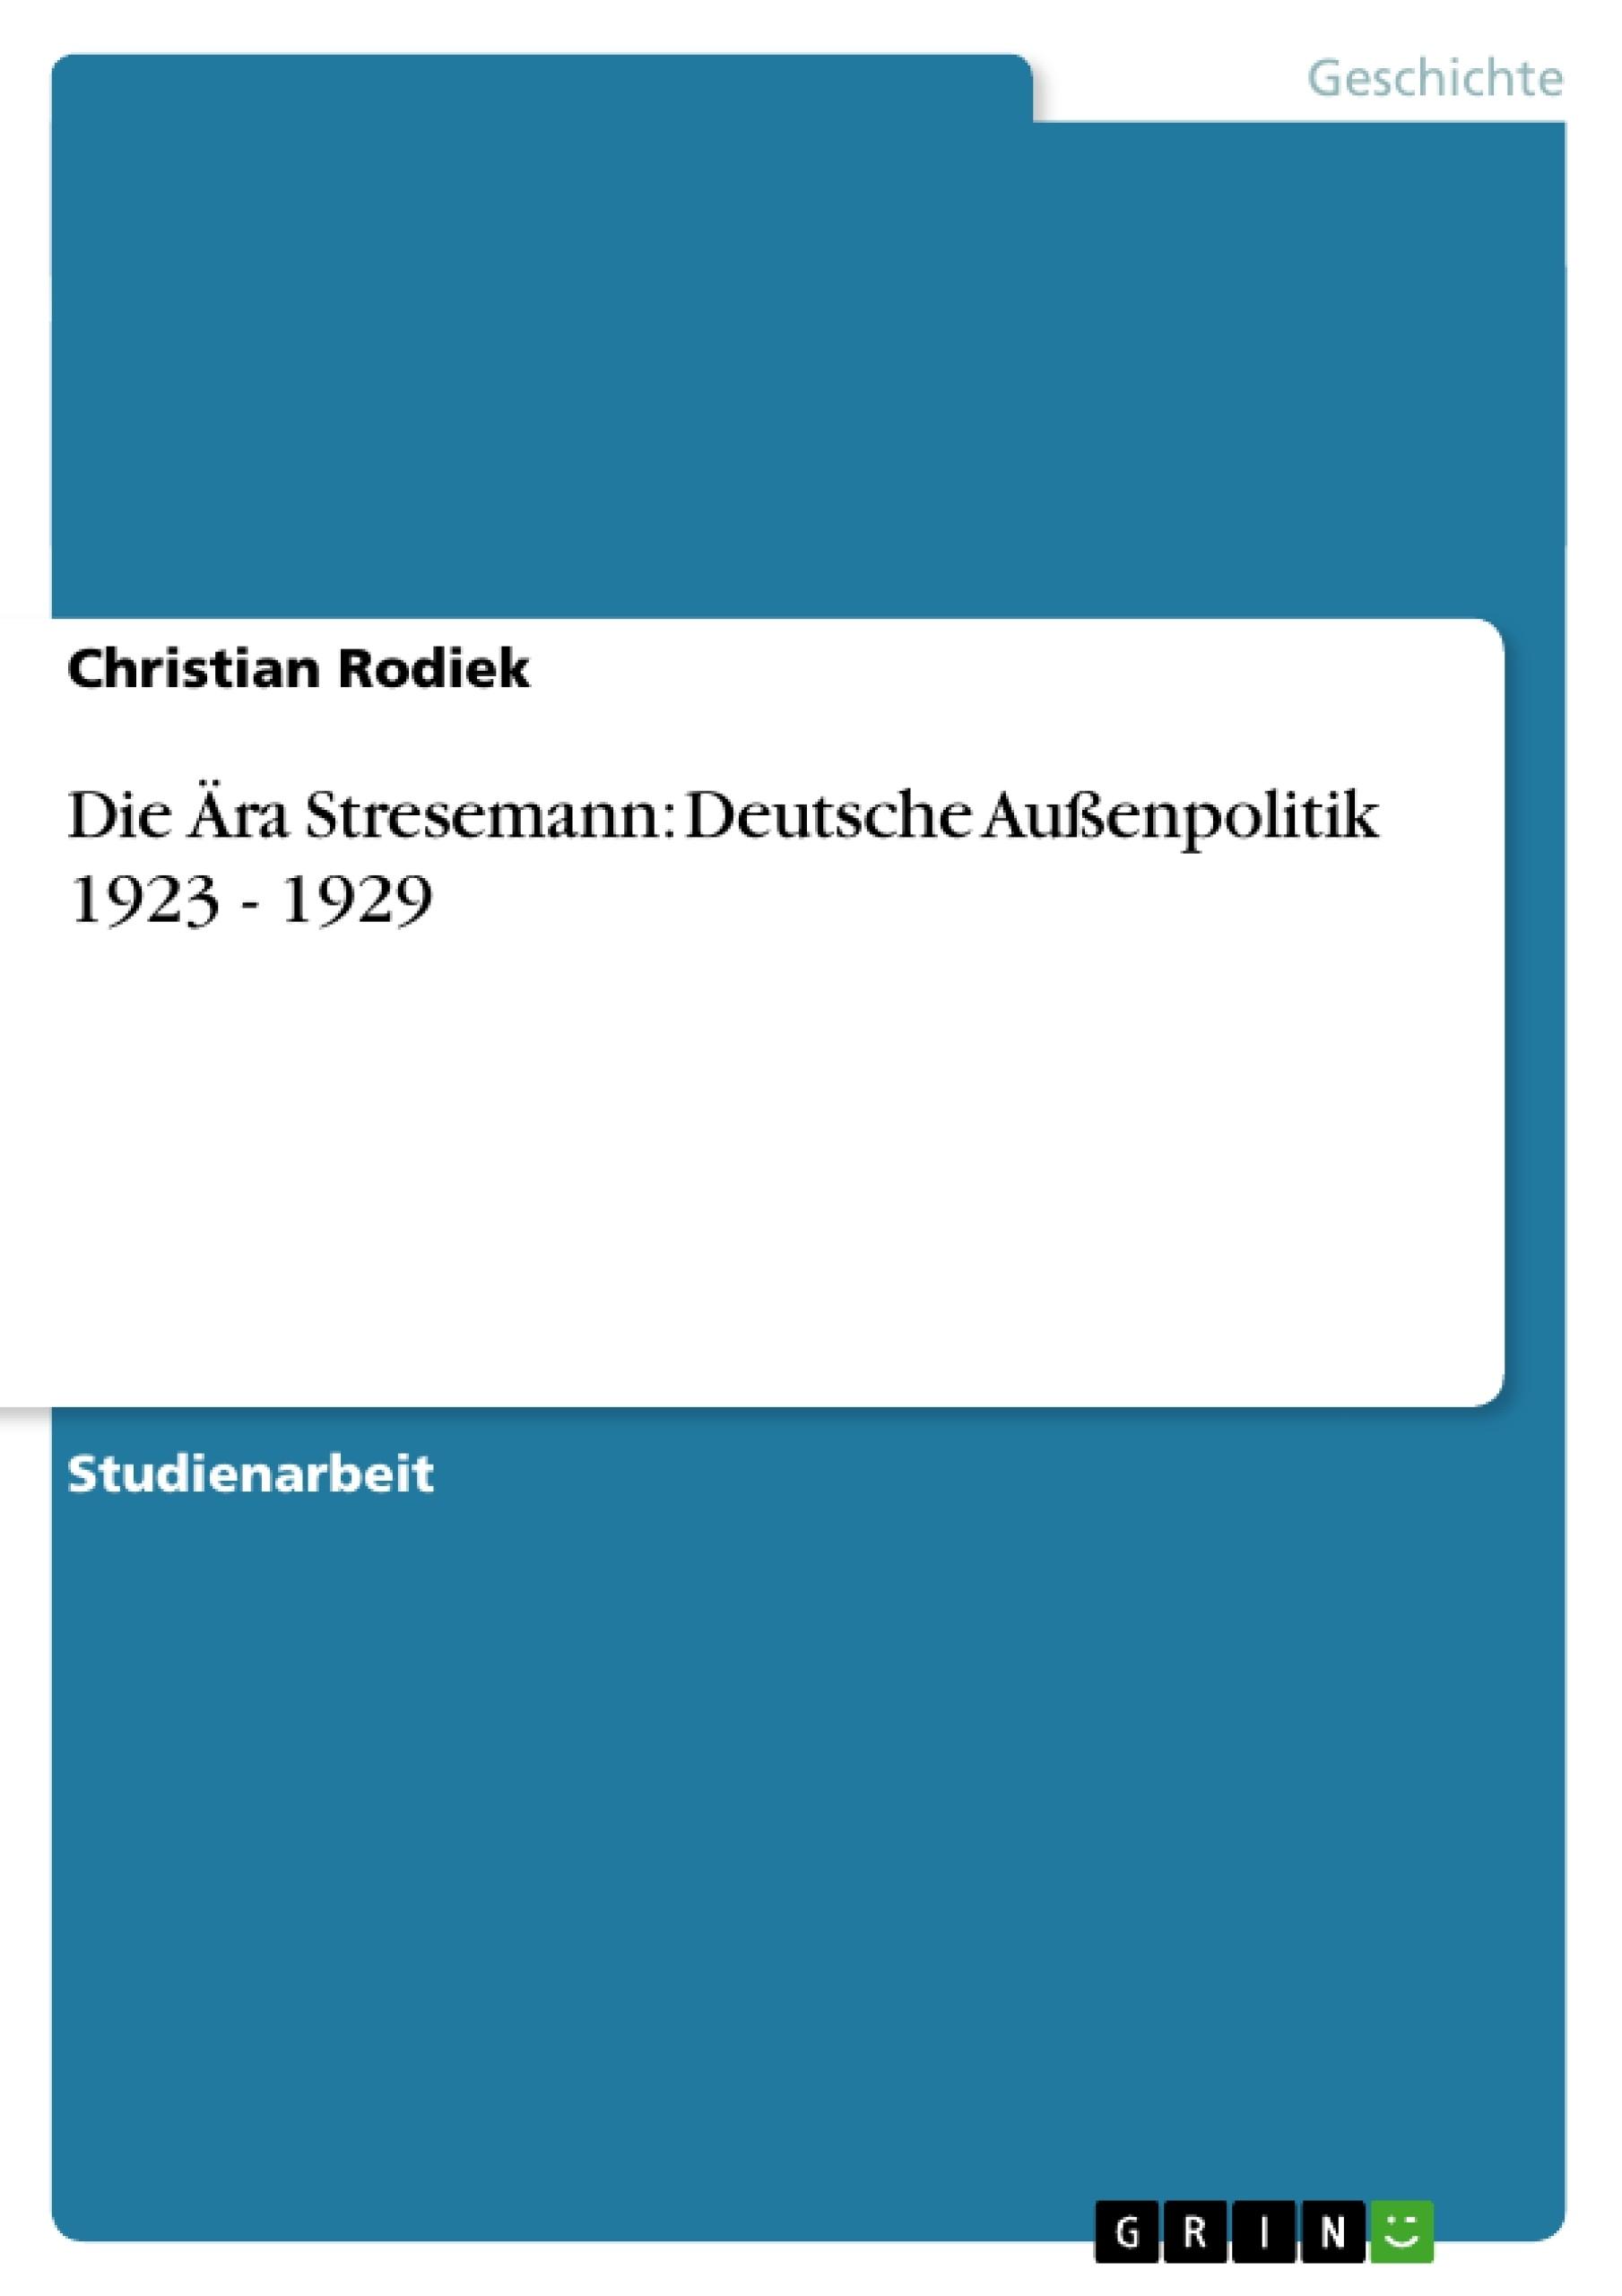 Titel: Die Ära Stresemann: Deutsche Außenpolitik 1923 - 1929